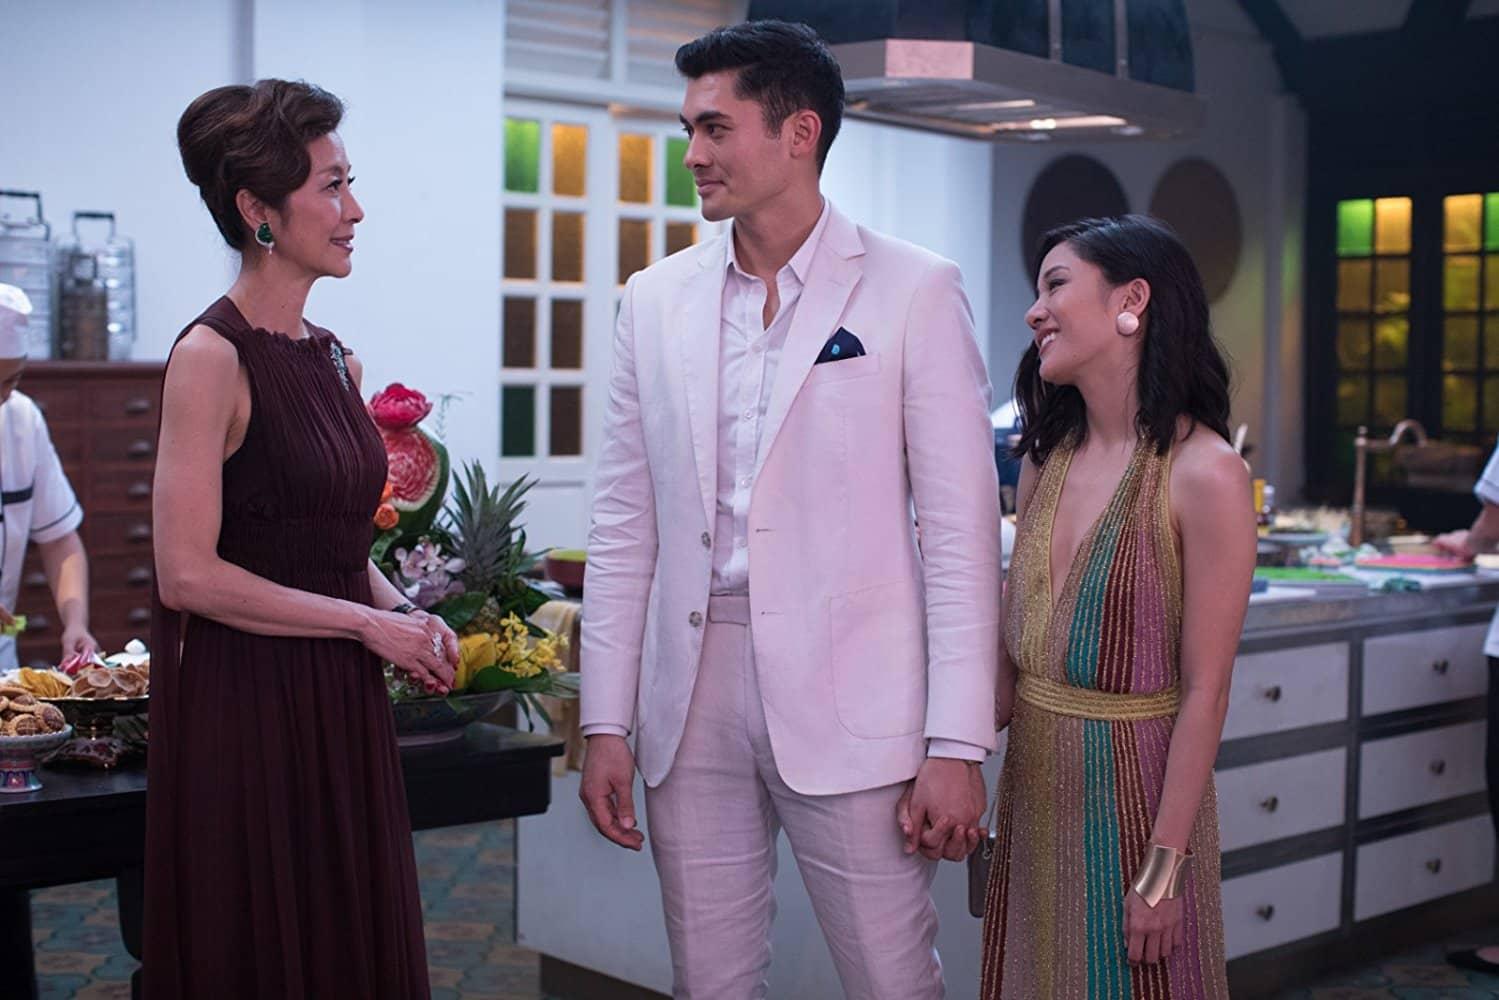 La aclamada rom-com Crazy Rich Asians desarrolla secuela con equipo original en WB